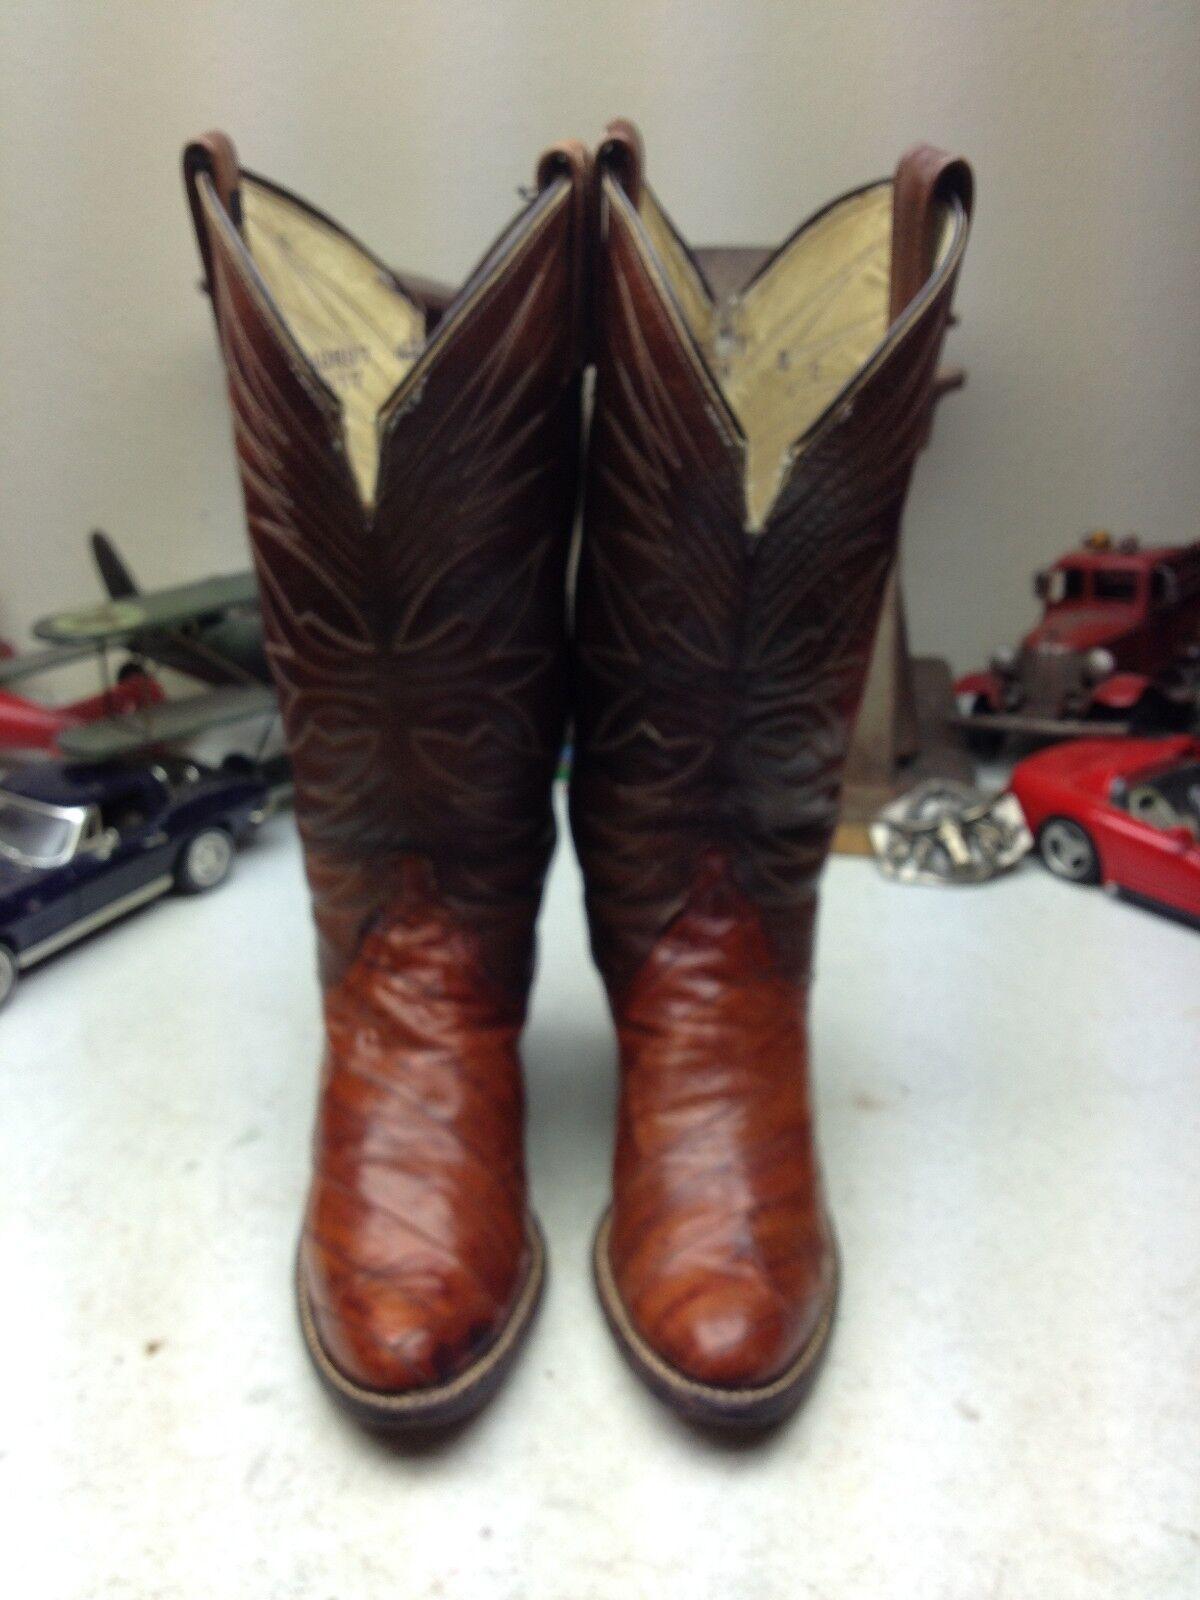 EE. UU. dan Post Post Post Anguila Oeste Rodeo Rancho danza occidental de cuero botas de Vaquero 5 C  promociones emocionantes